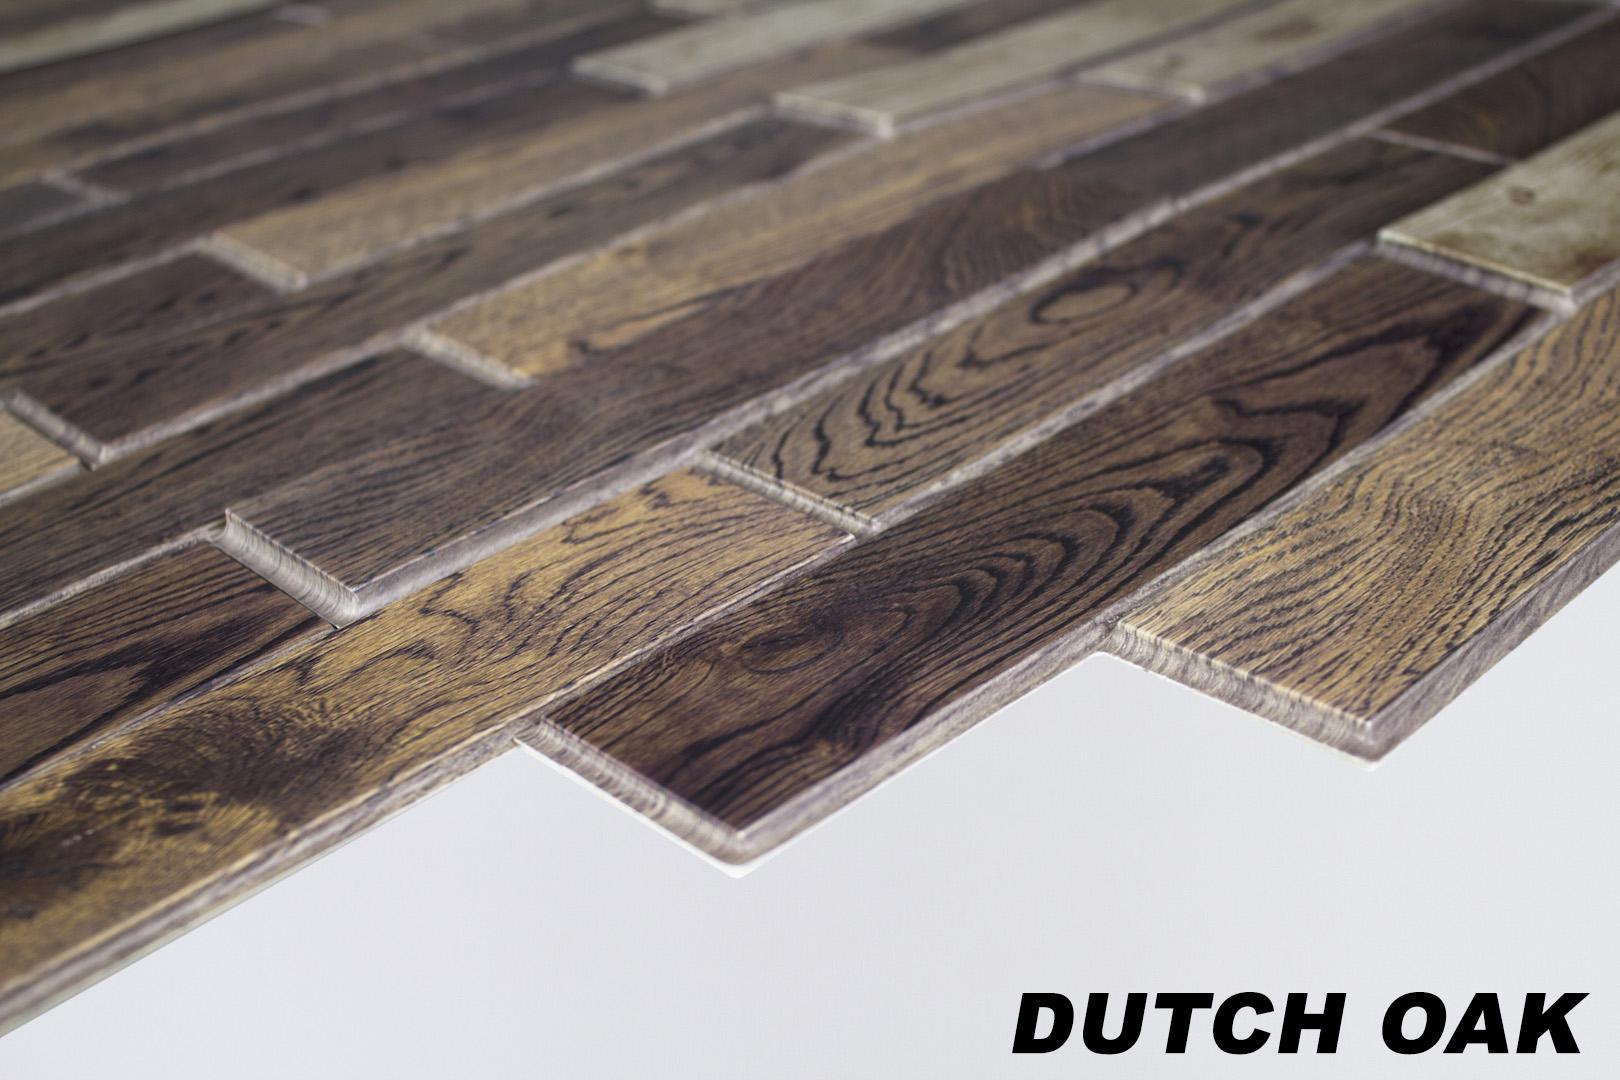 Dutch oak originalbild 1